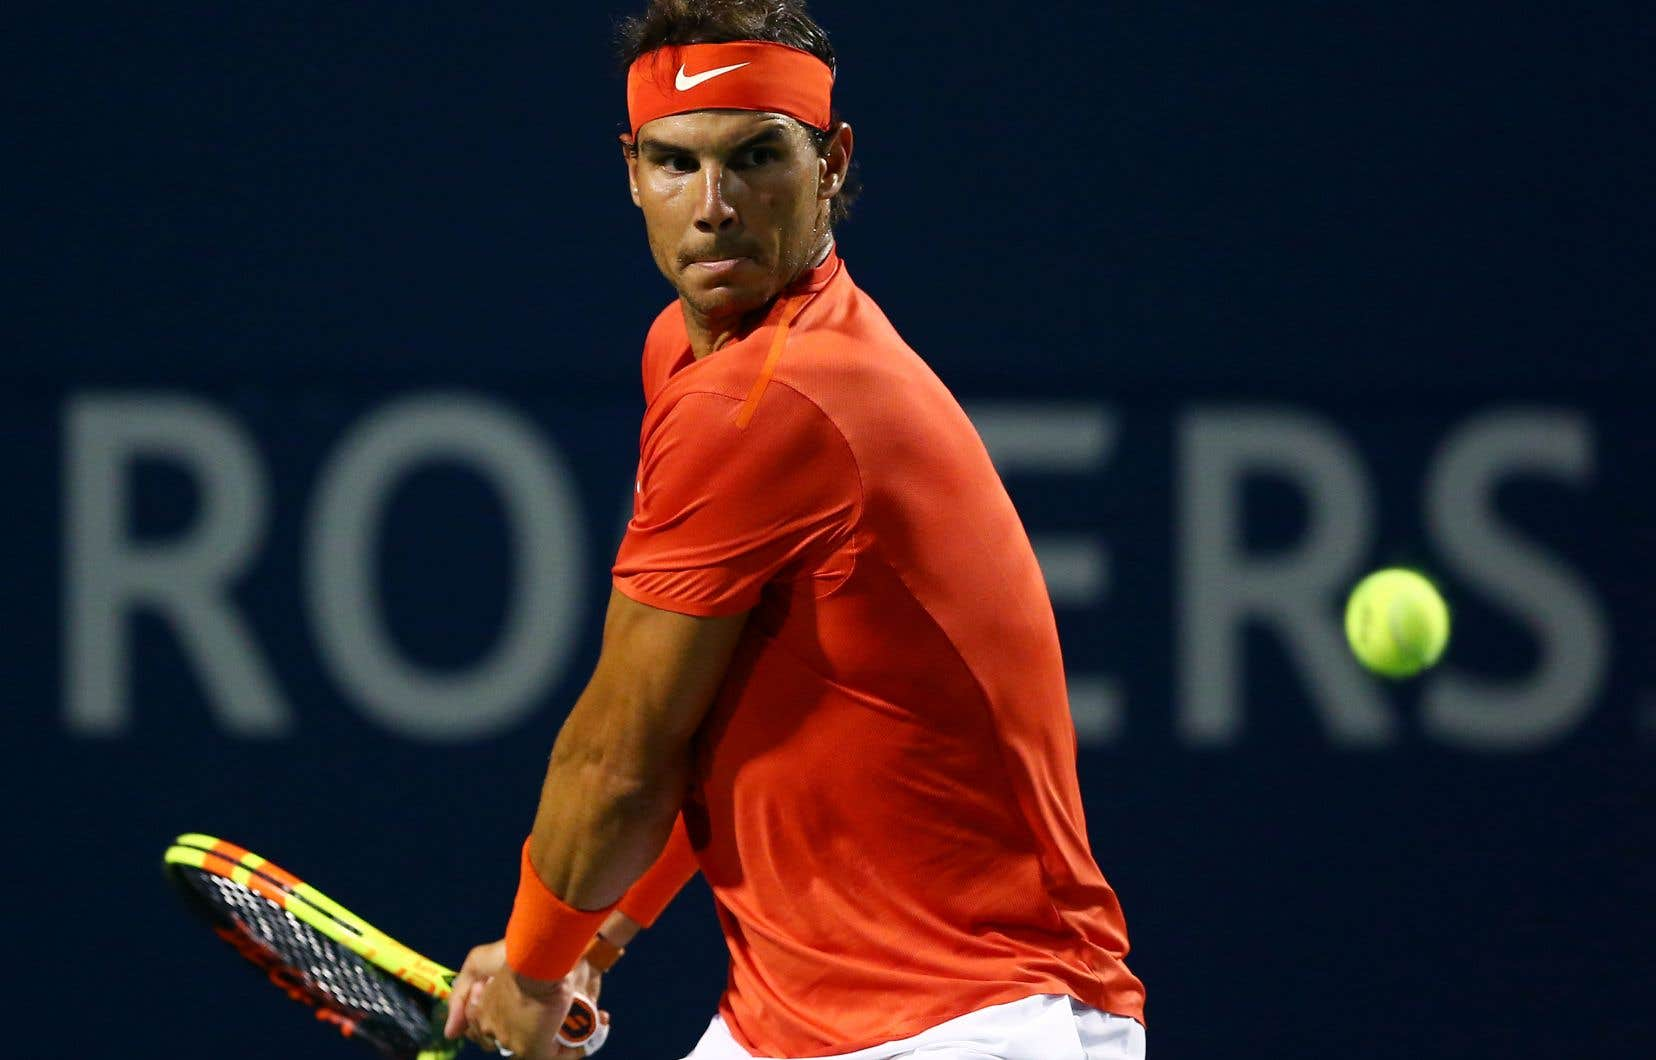 Rafael Nadal convoitera un cinquième titre en carrière à la Coupe Rogers, et il tentera du même coup de défendre son titre acquis l'an dernier à Toronto.